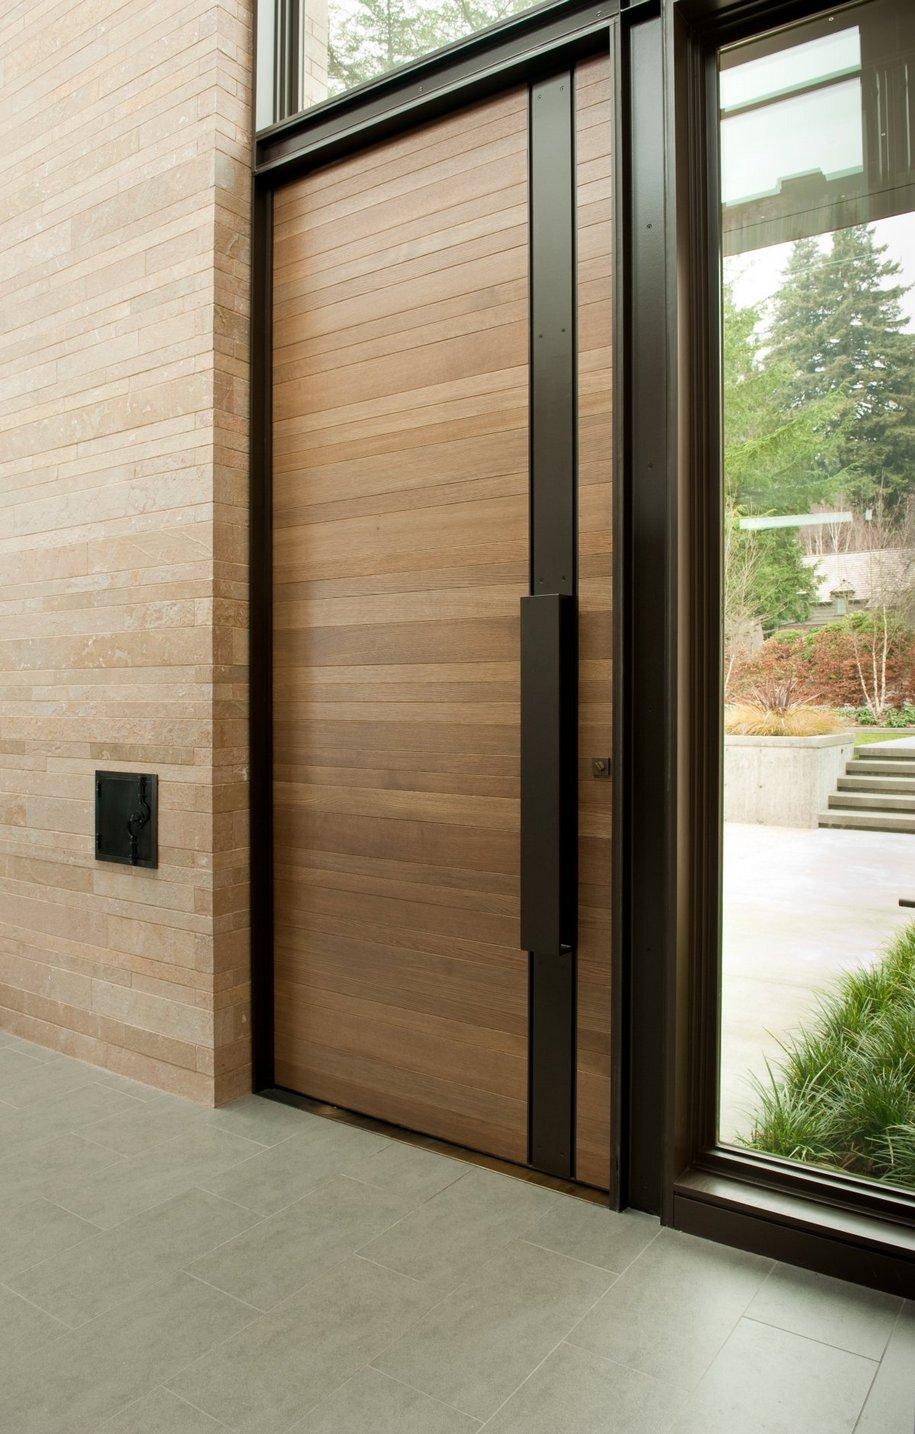 входные двери для загородного дома в современном стиле